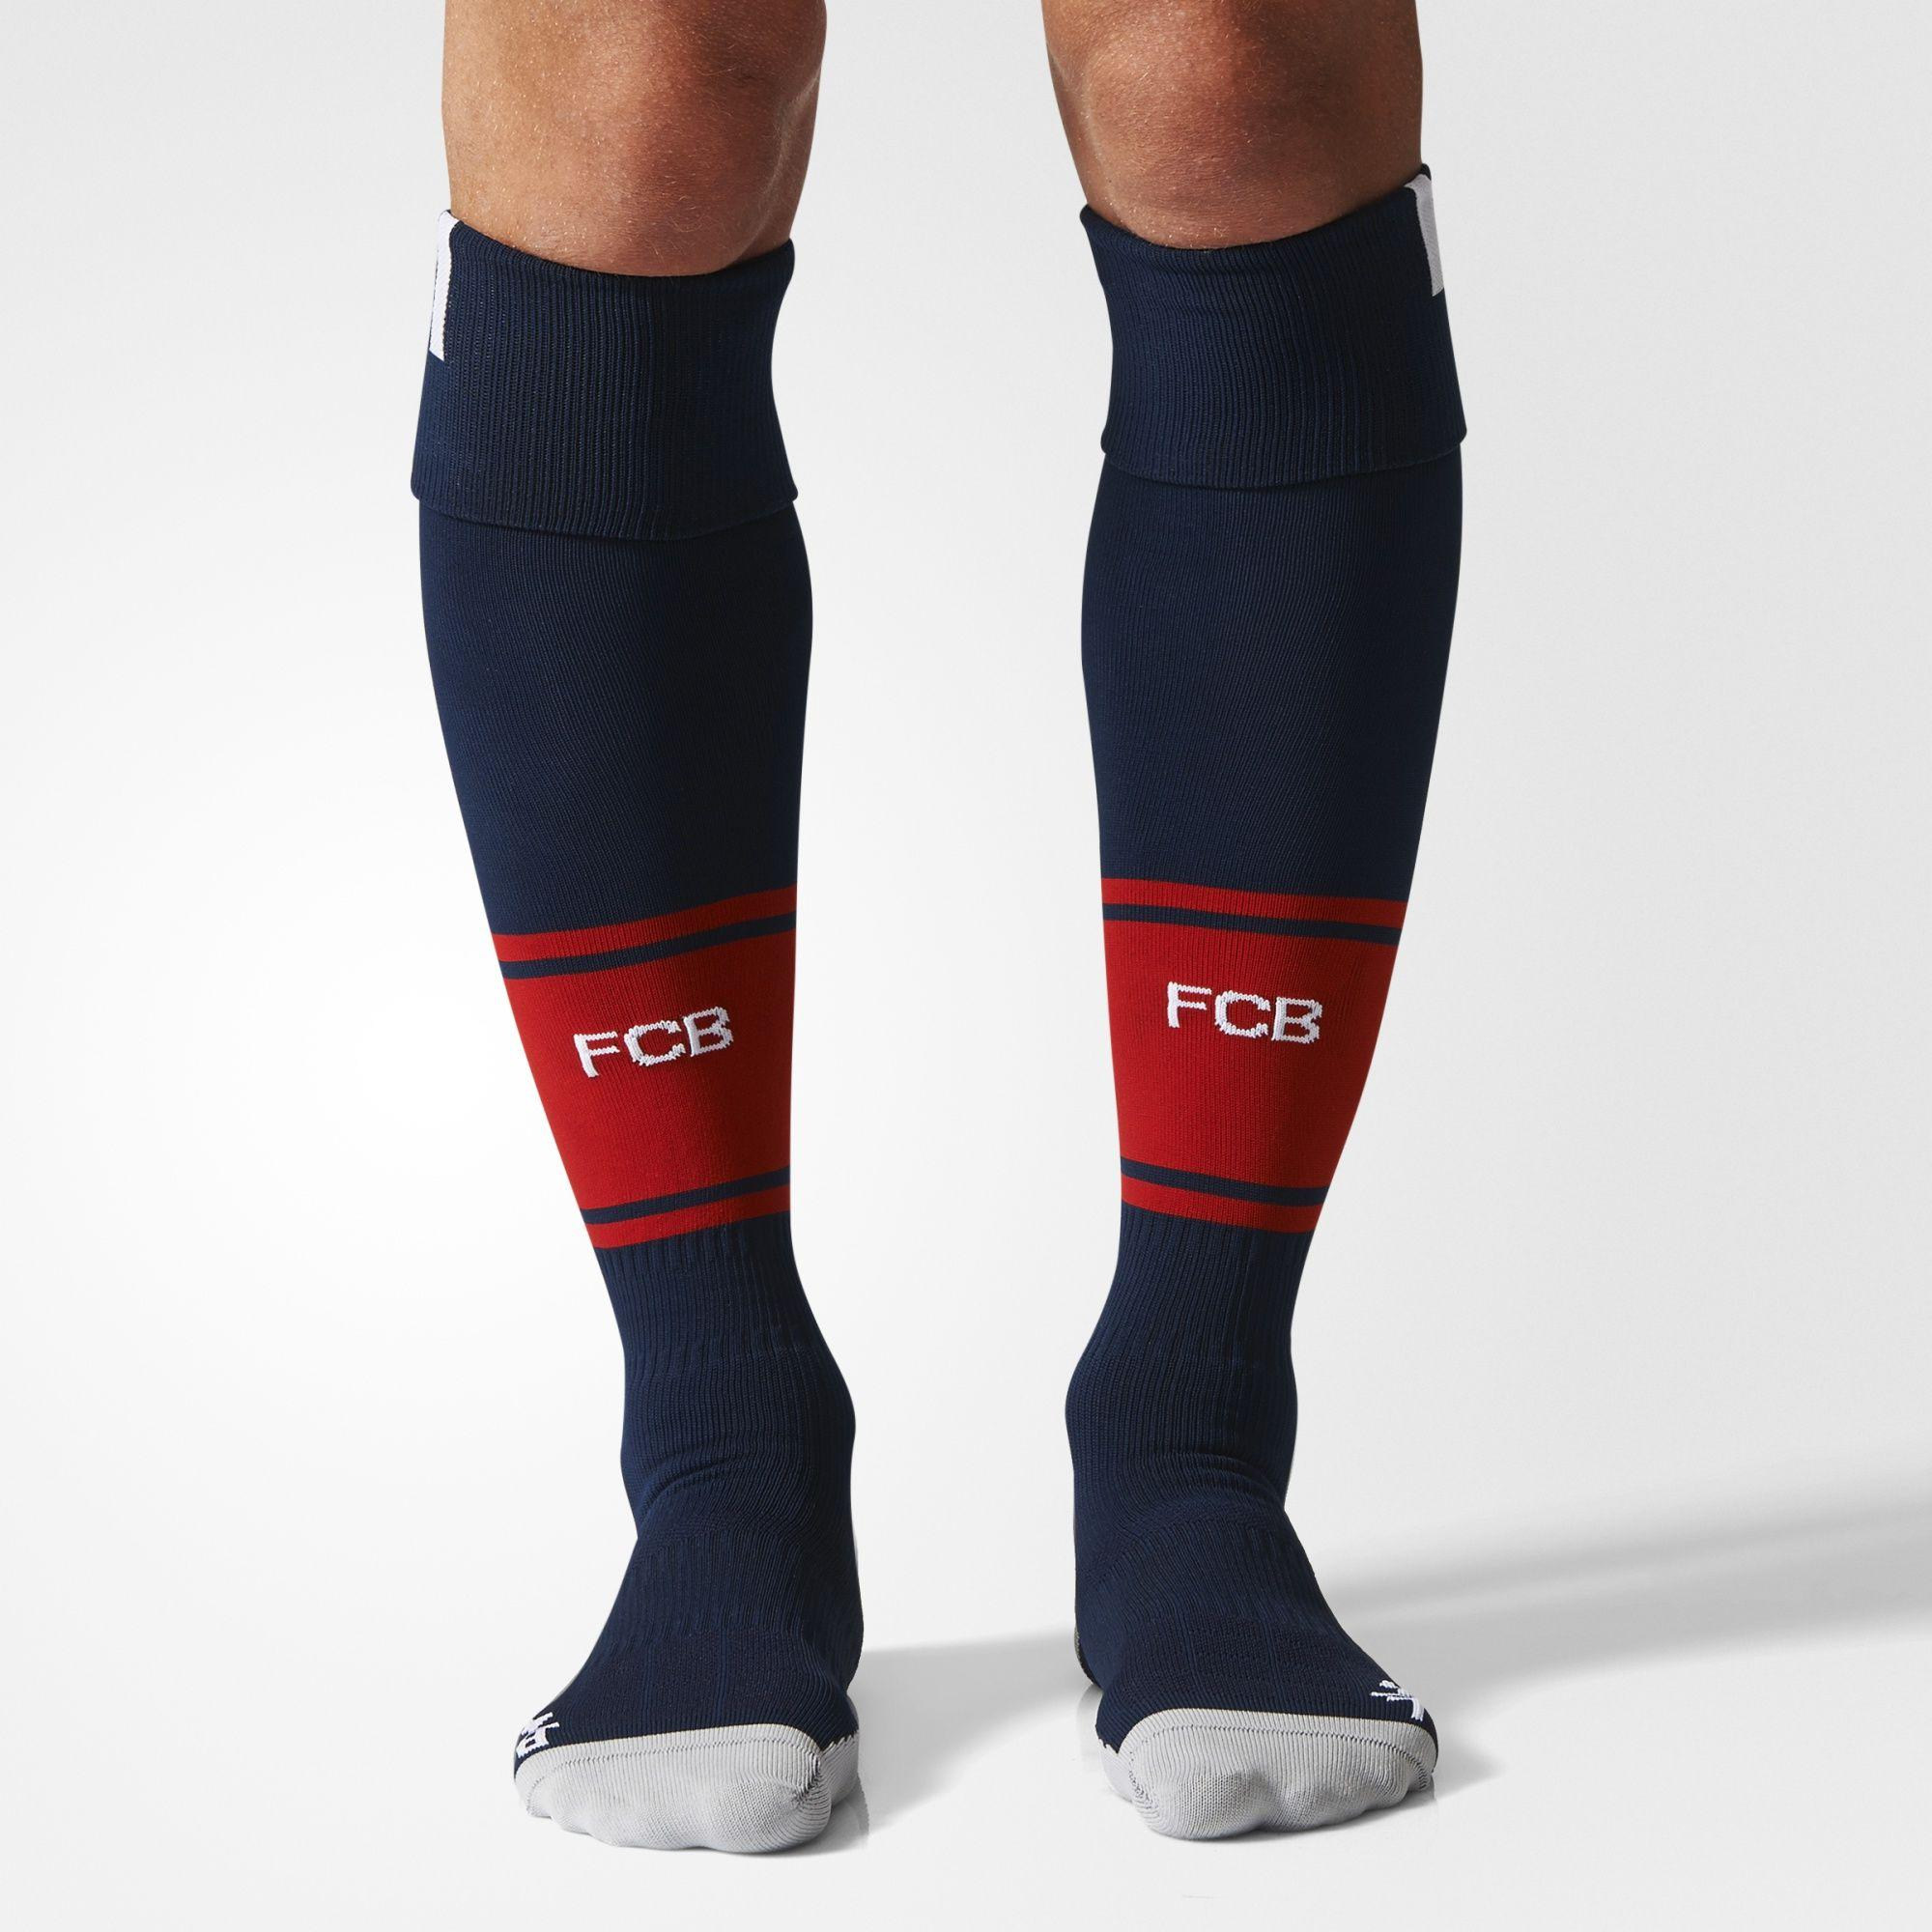 Herren FC Bayern München Auswärtssocken, 1 Paar